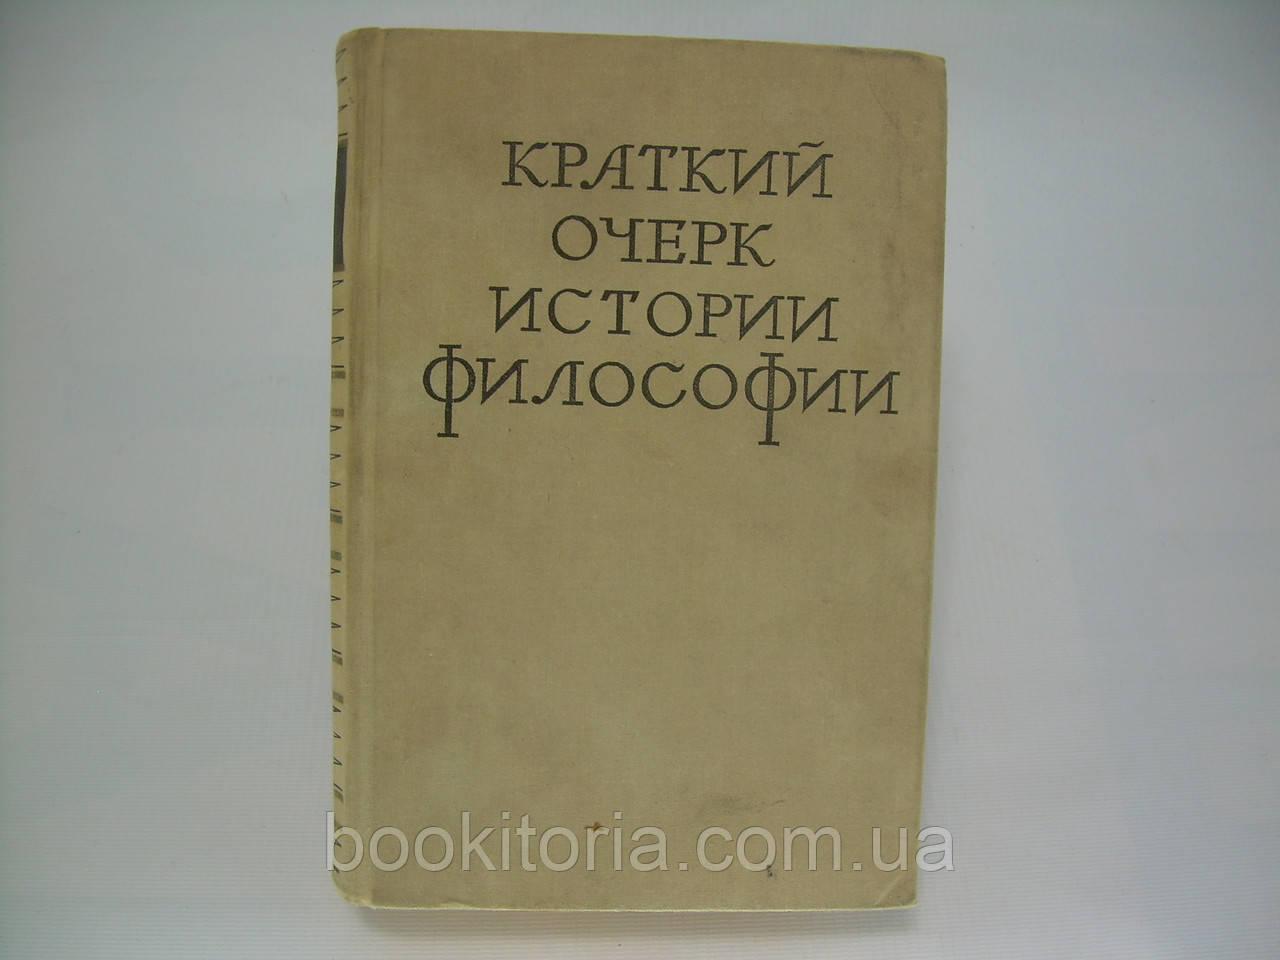 Краткий очерк истории философии (б/у).